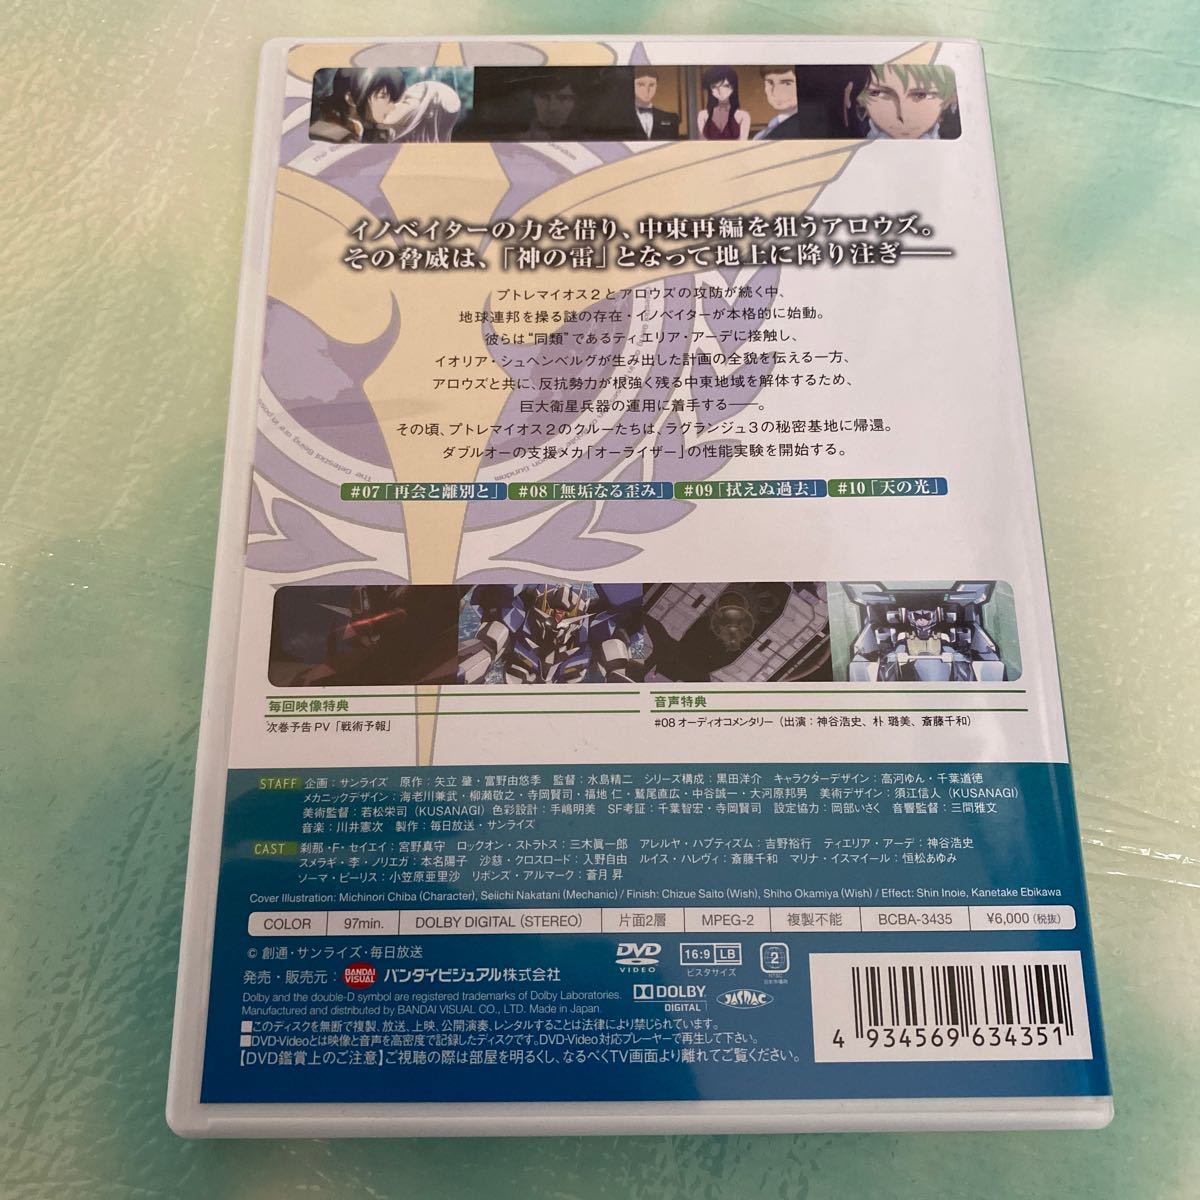 機動戦士ガンダム00 セカンドシーズン 3/DVD/BCBA-3435 中古